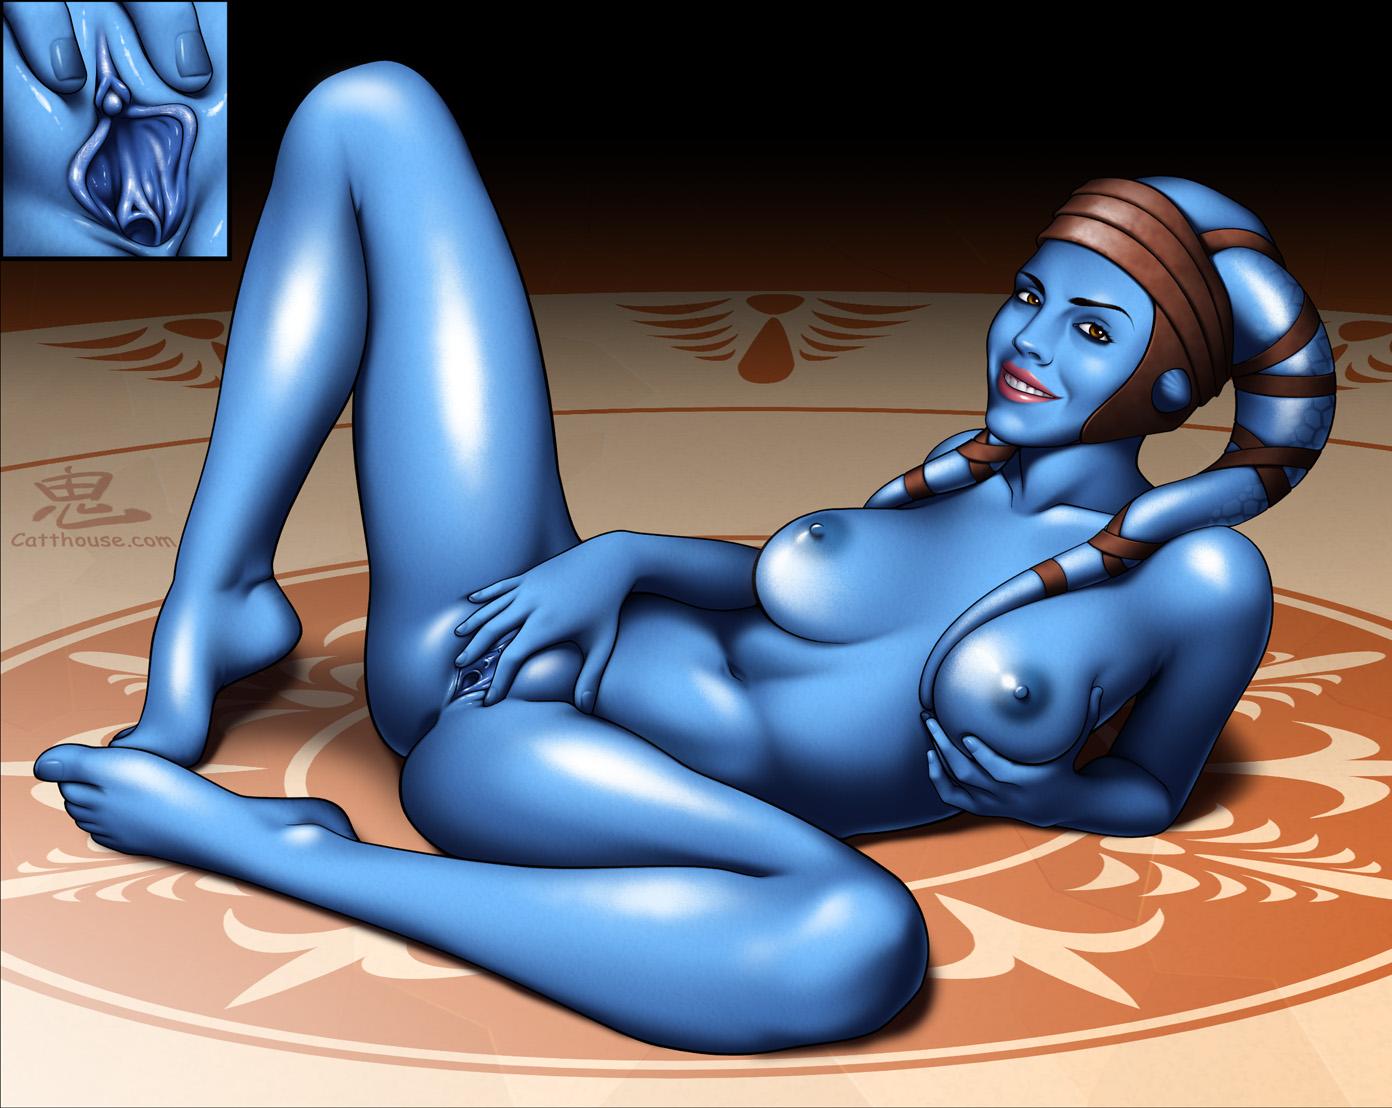 Erotic starwars padime masterbating videos mudbone xxx tumblr